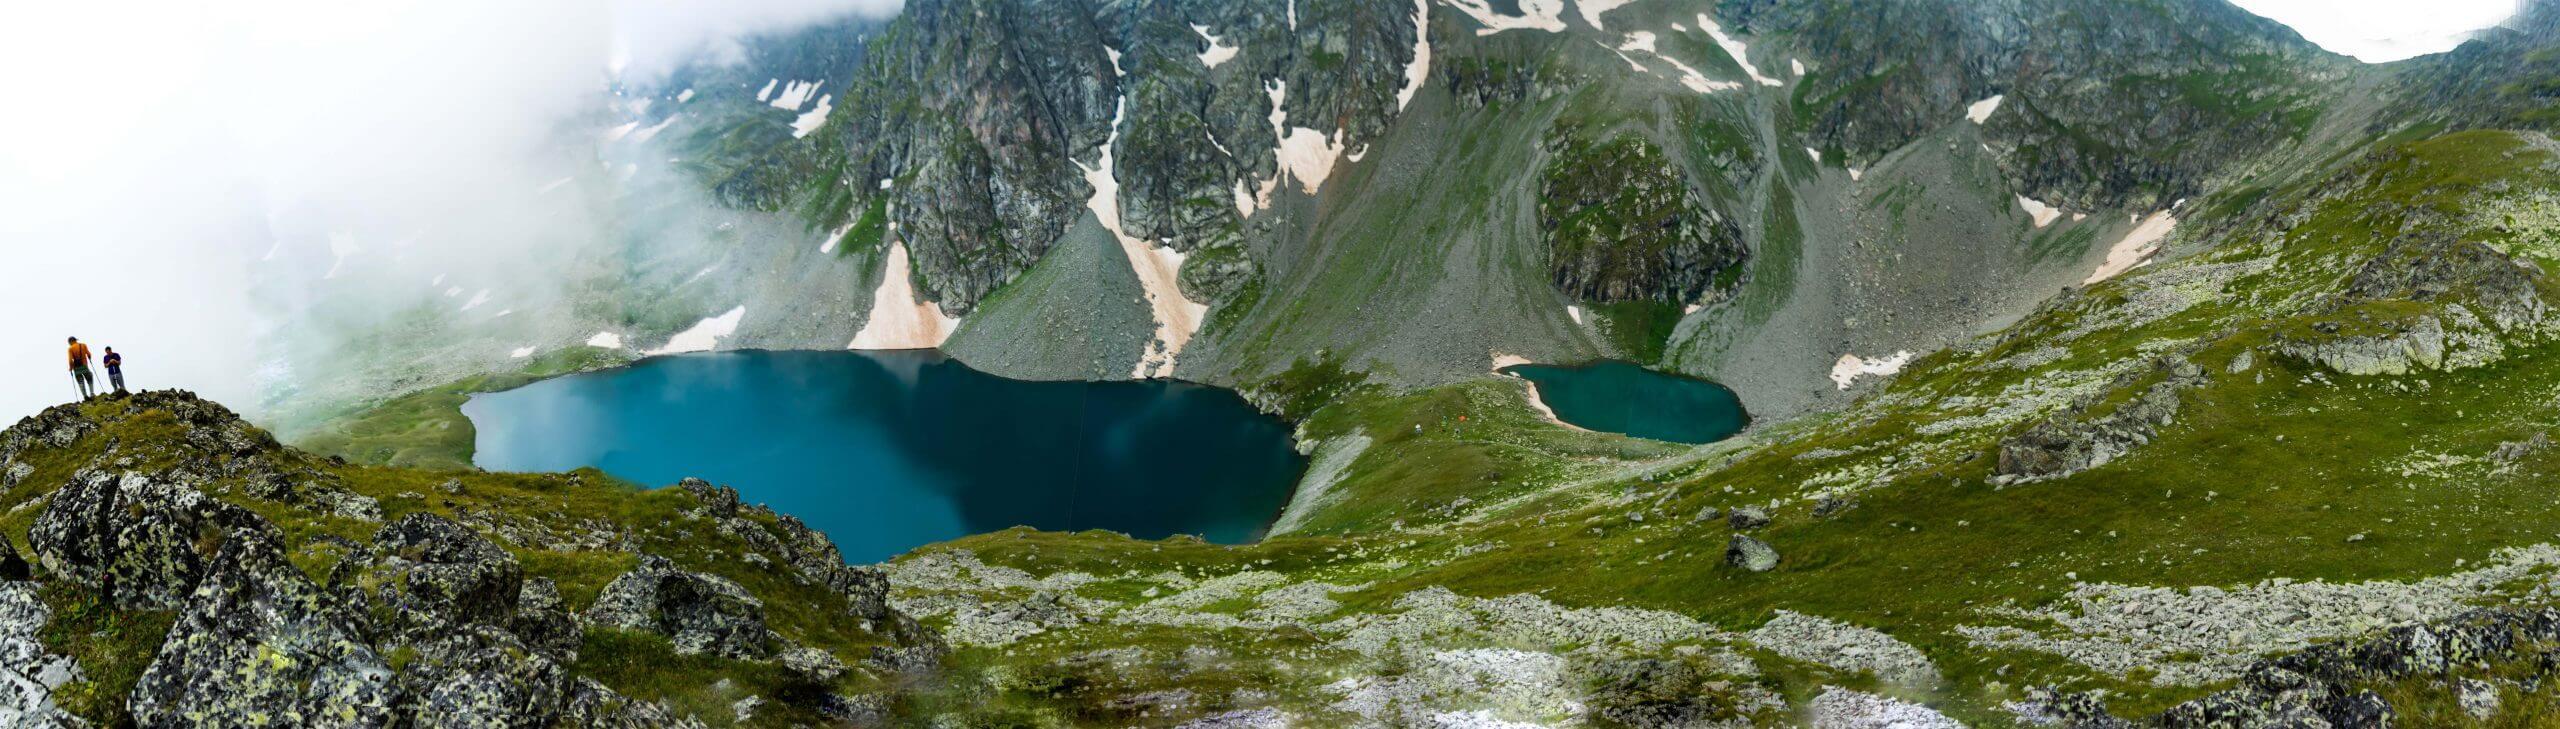 Лазурное озеро на фоне перевалов Семнадцати и Семнадцати Северный